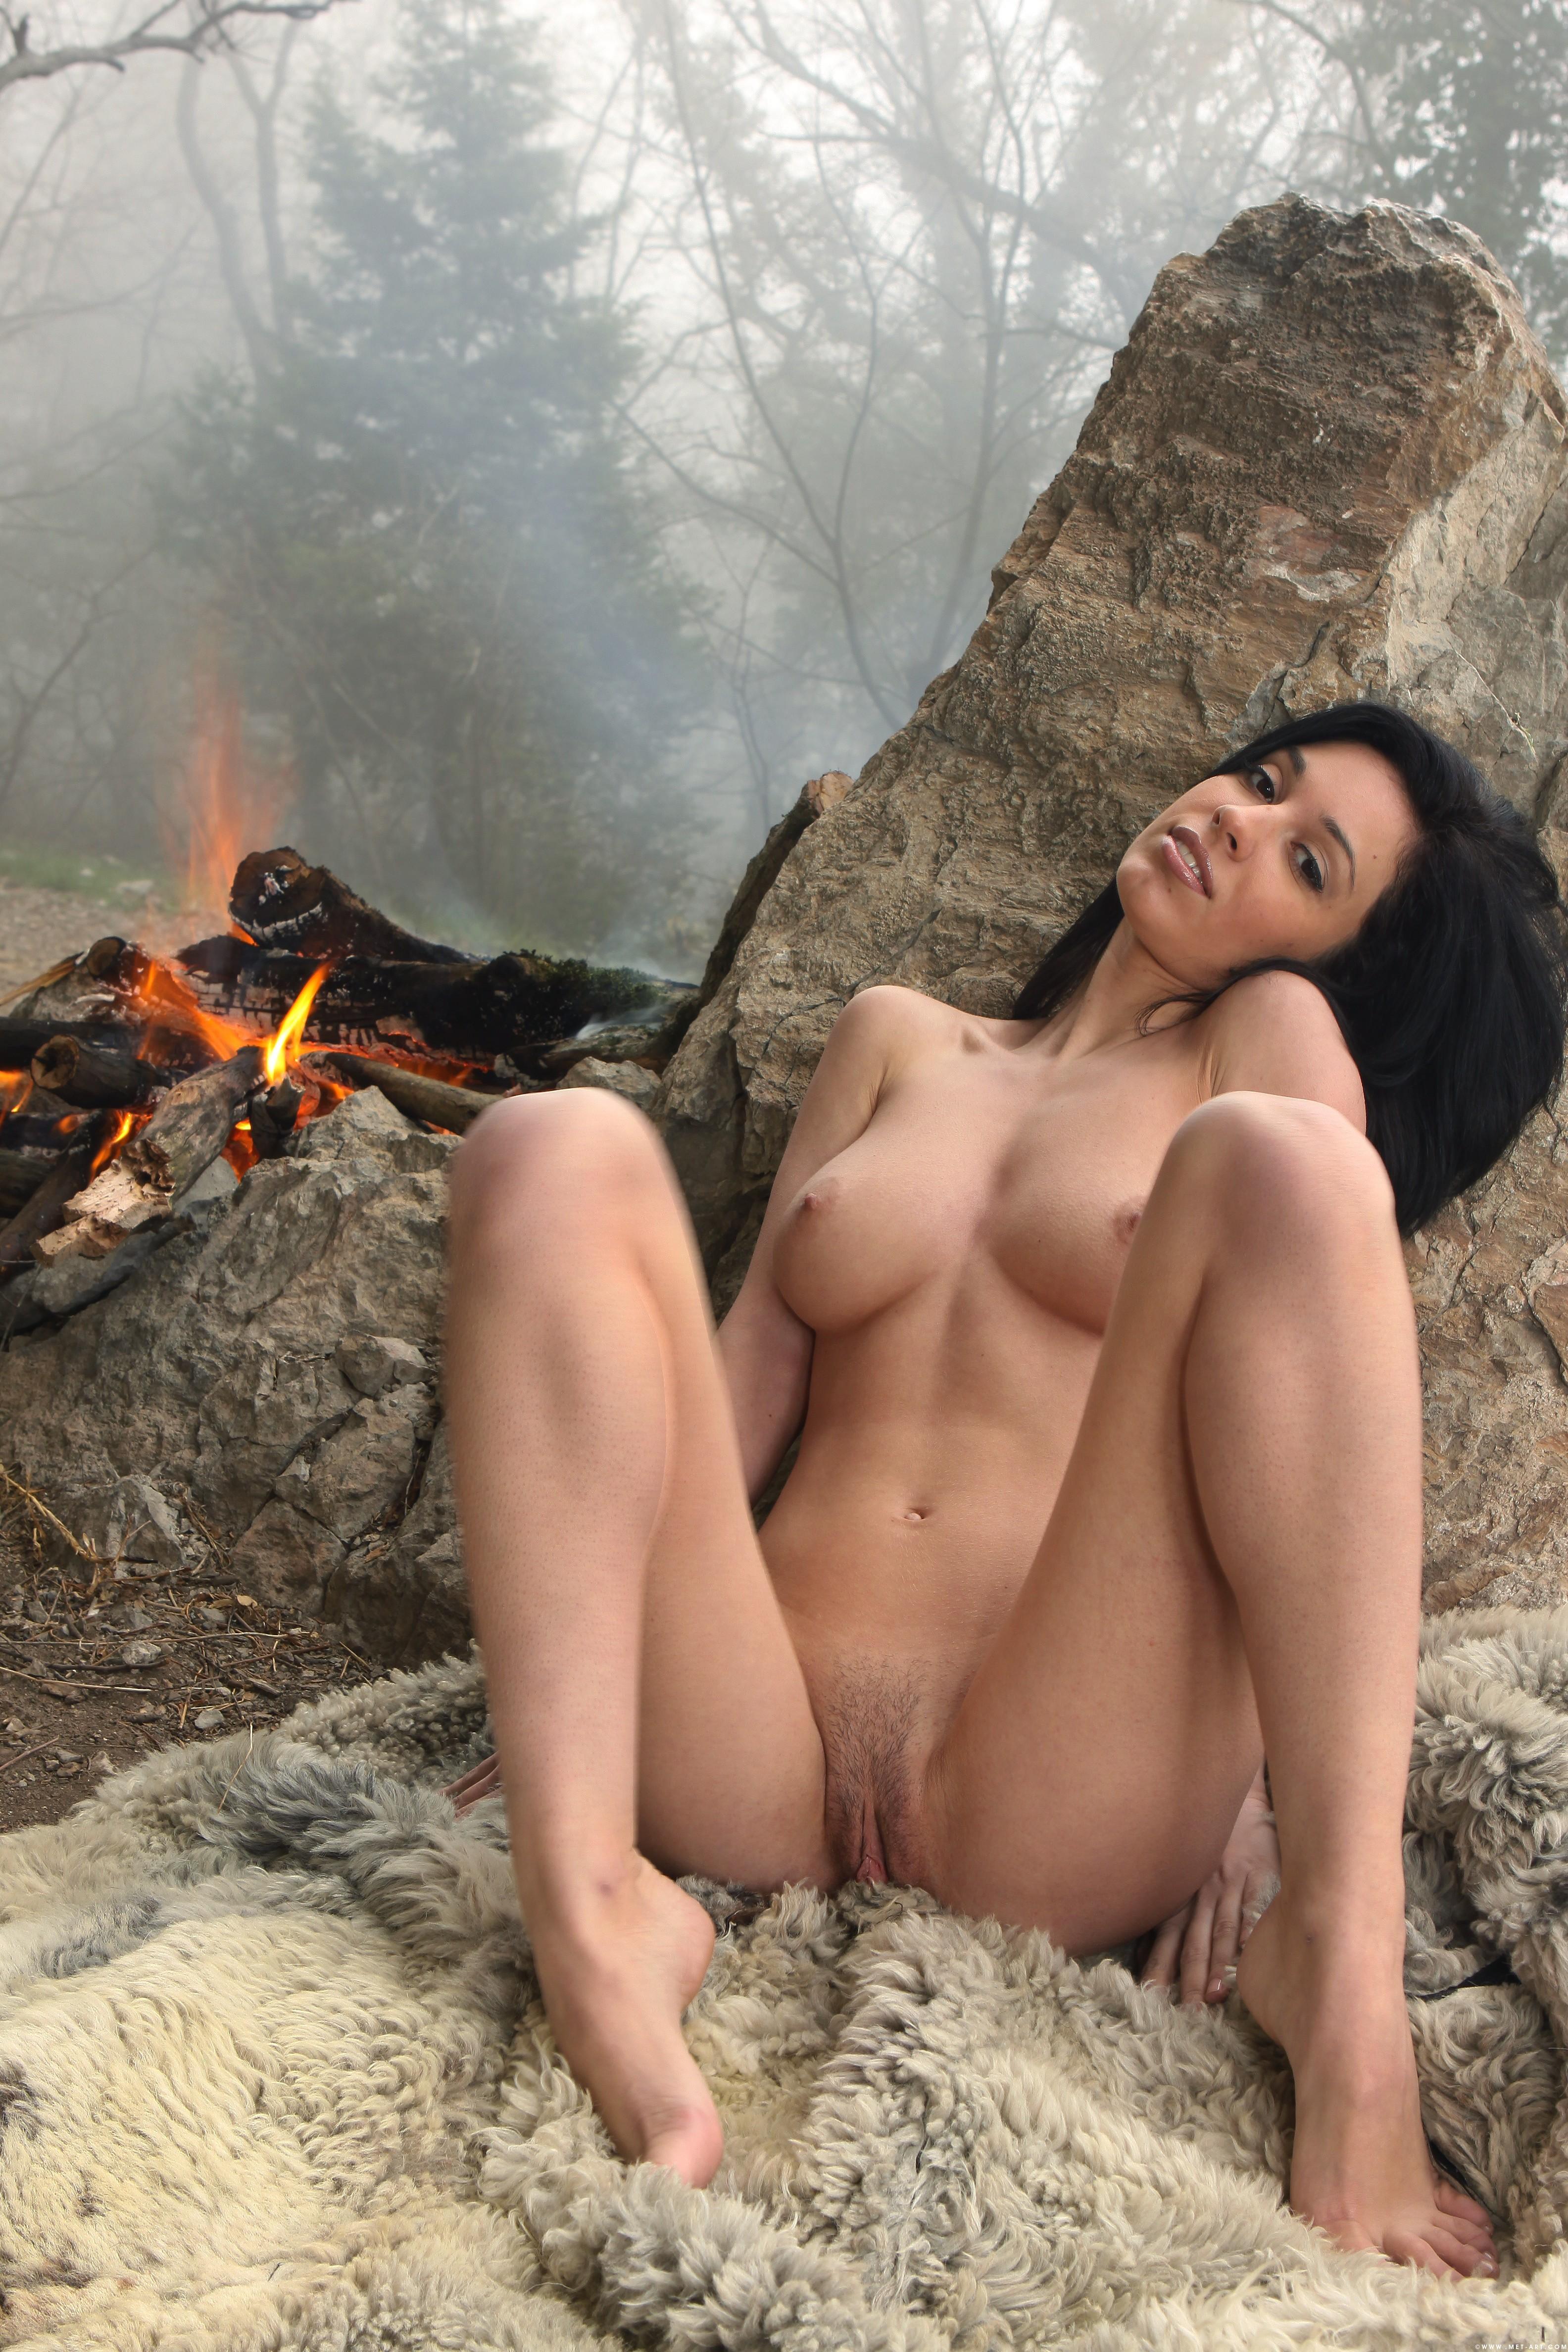 Пороно дикие в лесу 20 фотография